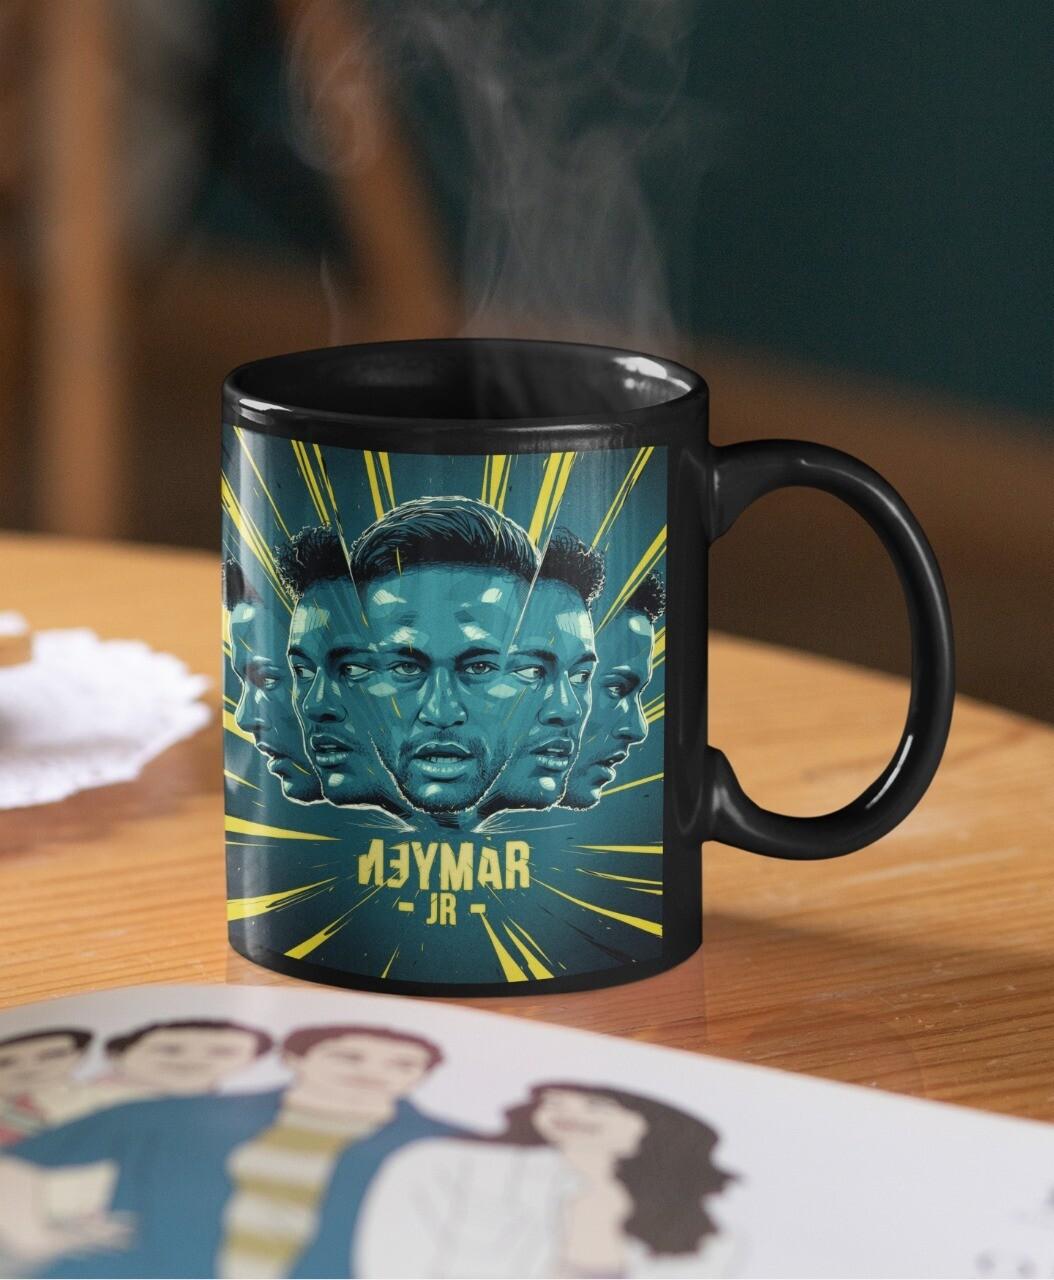 Neymar Amazing Design Mug (Microwave and Dishwasher Safe)